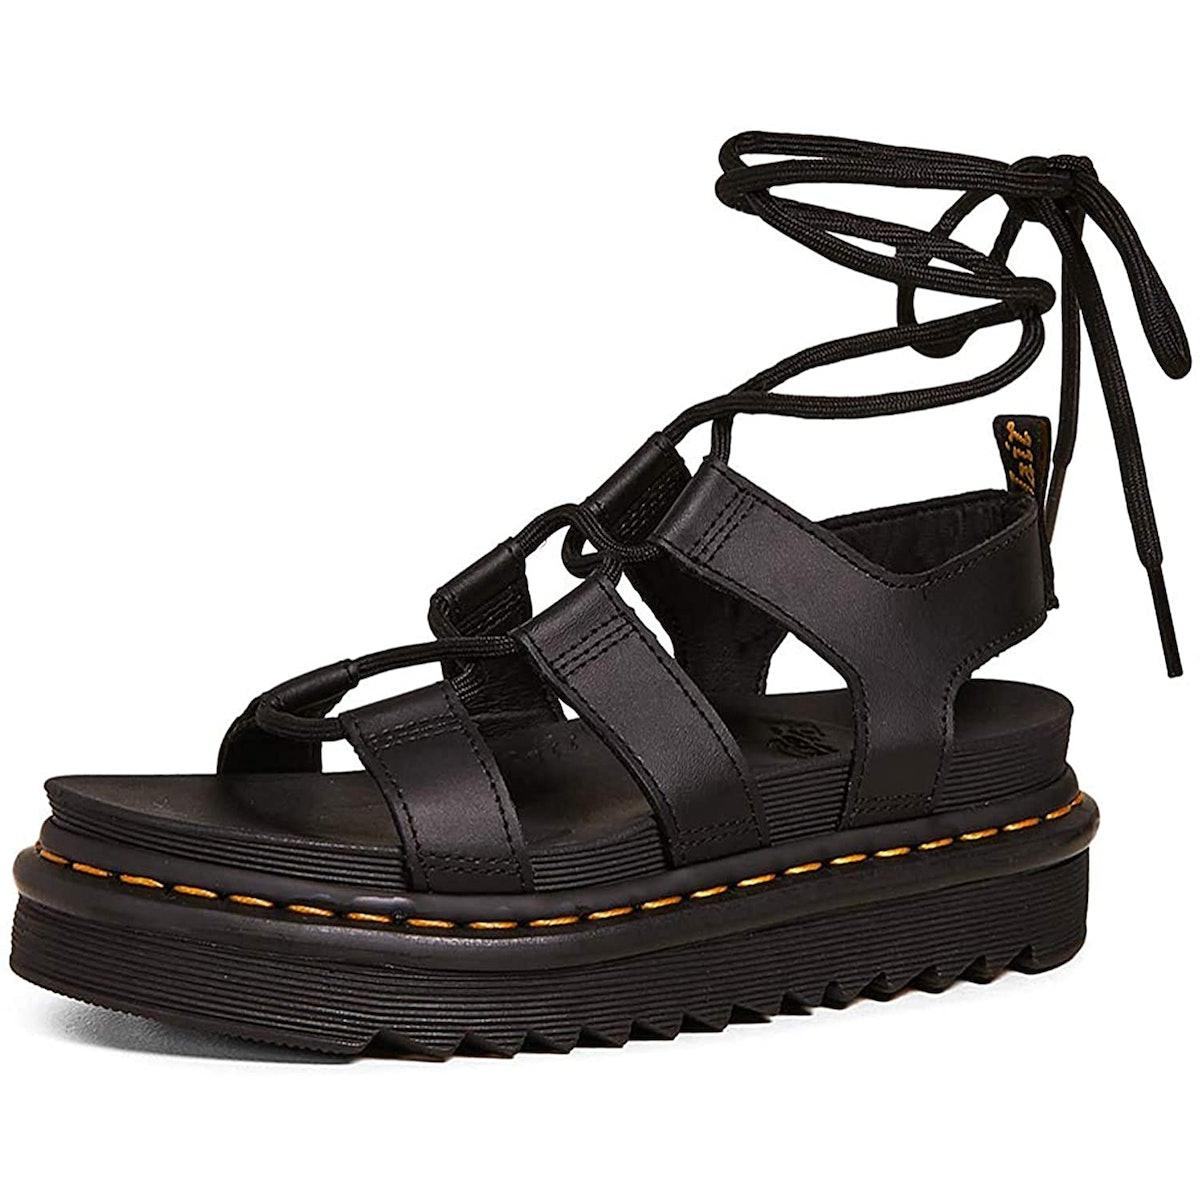 Dr. Martens Gladiator Ankle-Tie Sandals